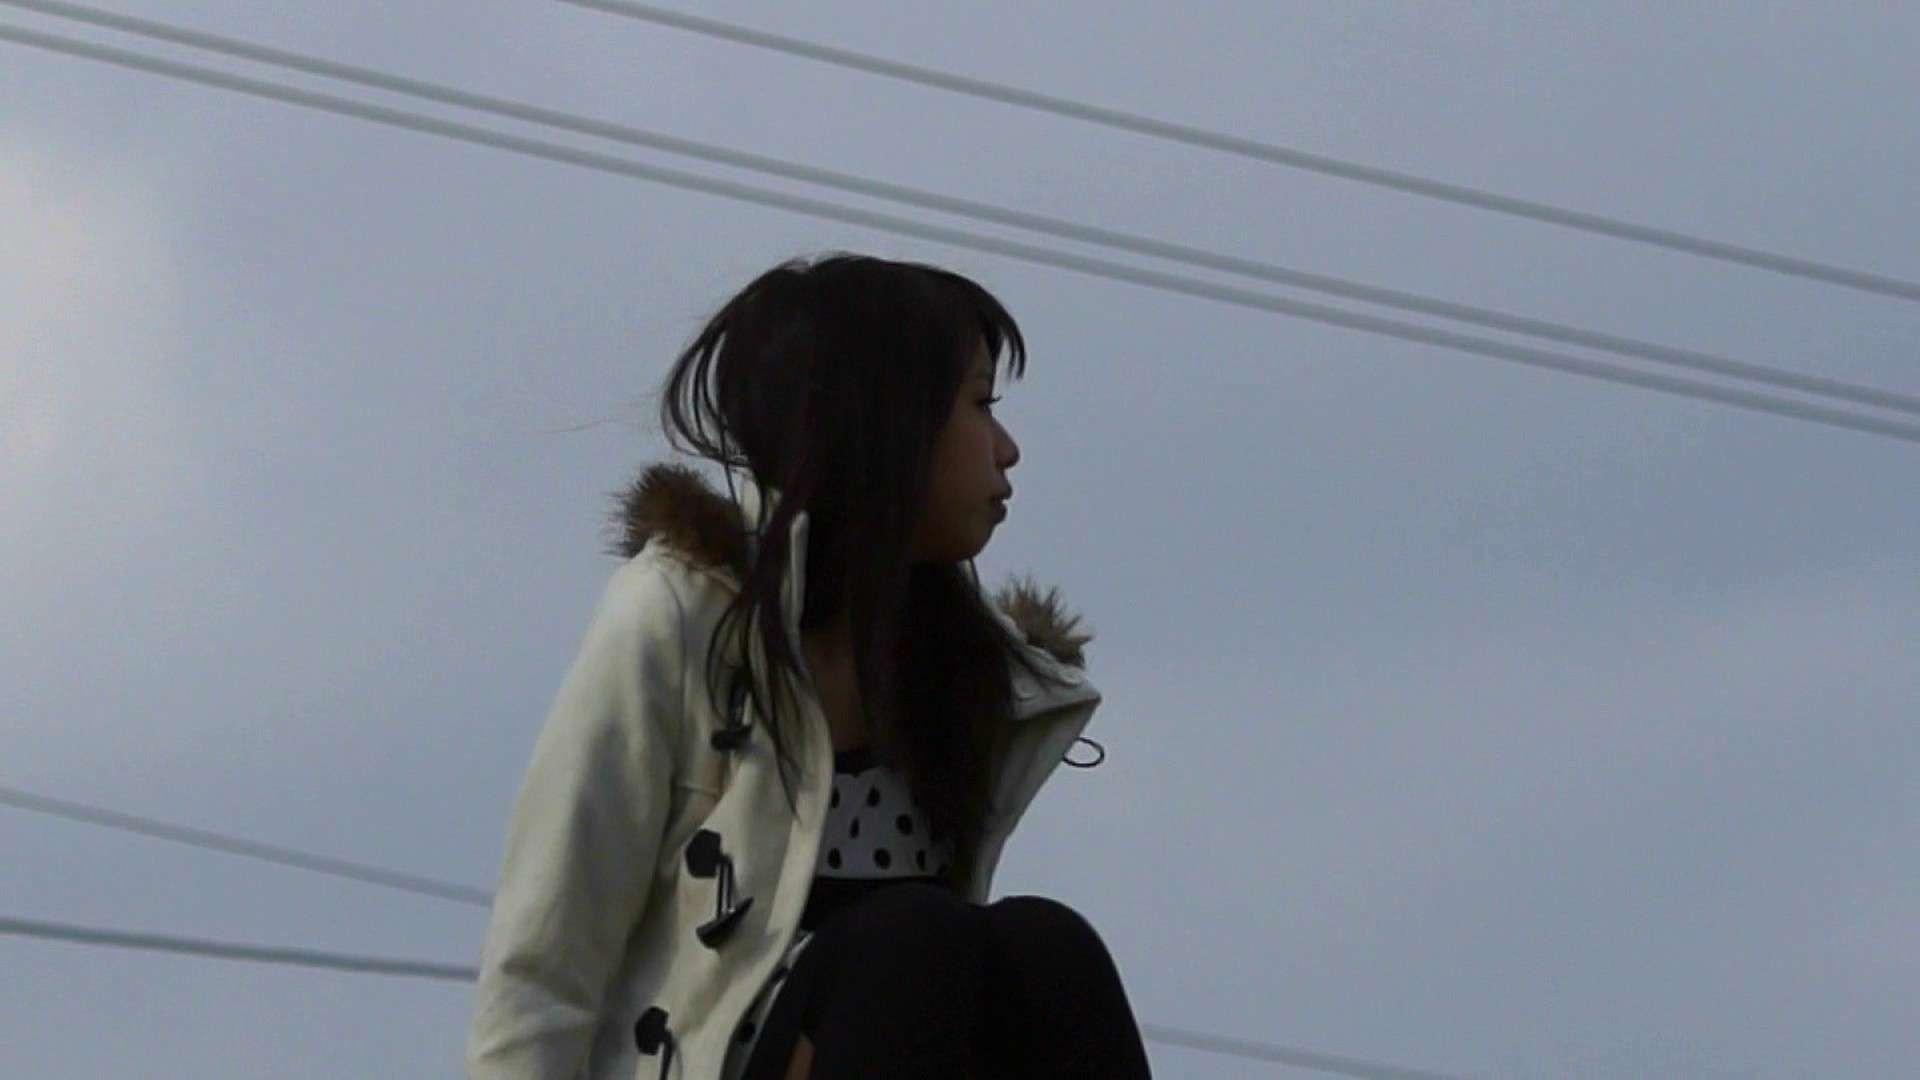 vol.2 自宅近く思い出の地で黄昏る志穂さん 高画質 AV無料 83画像 47